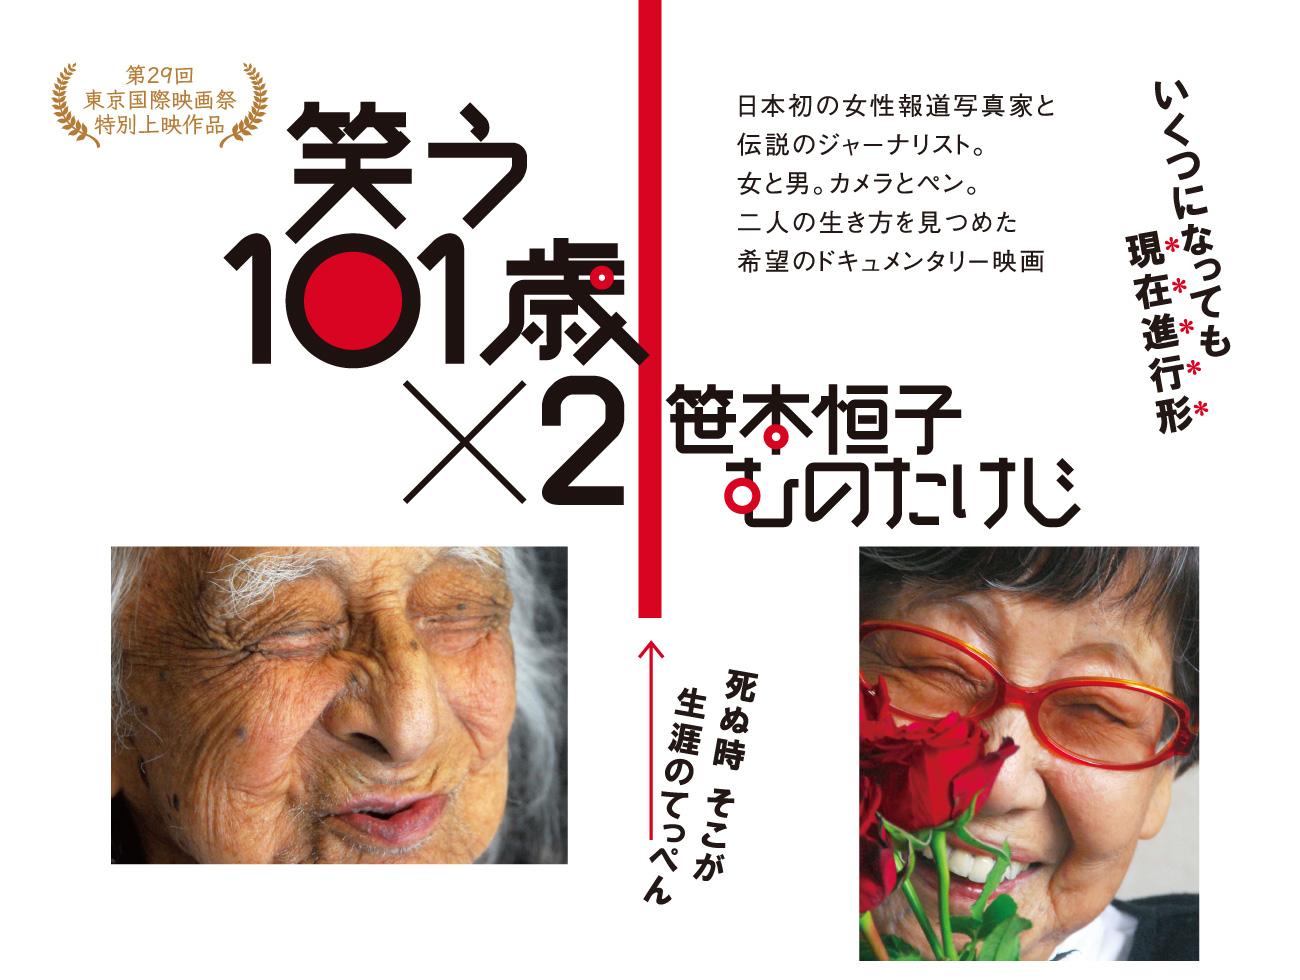 講演会と上演会『笑う101歳×2 笹本恒子 むのたけじ』を5月31日(水)に早稲田大学大隈小講堂で開催(終了しました)